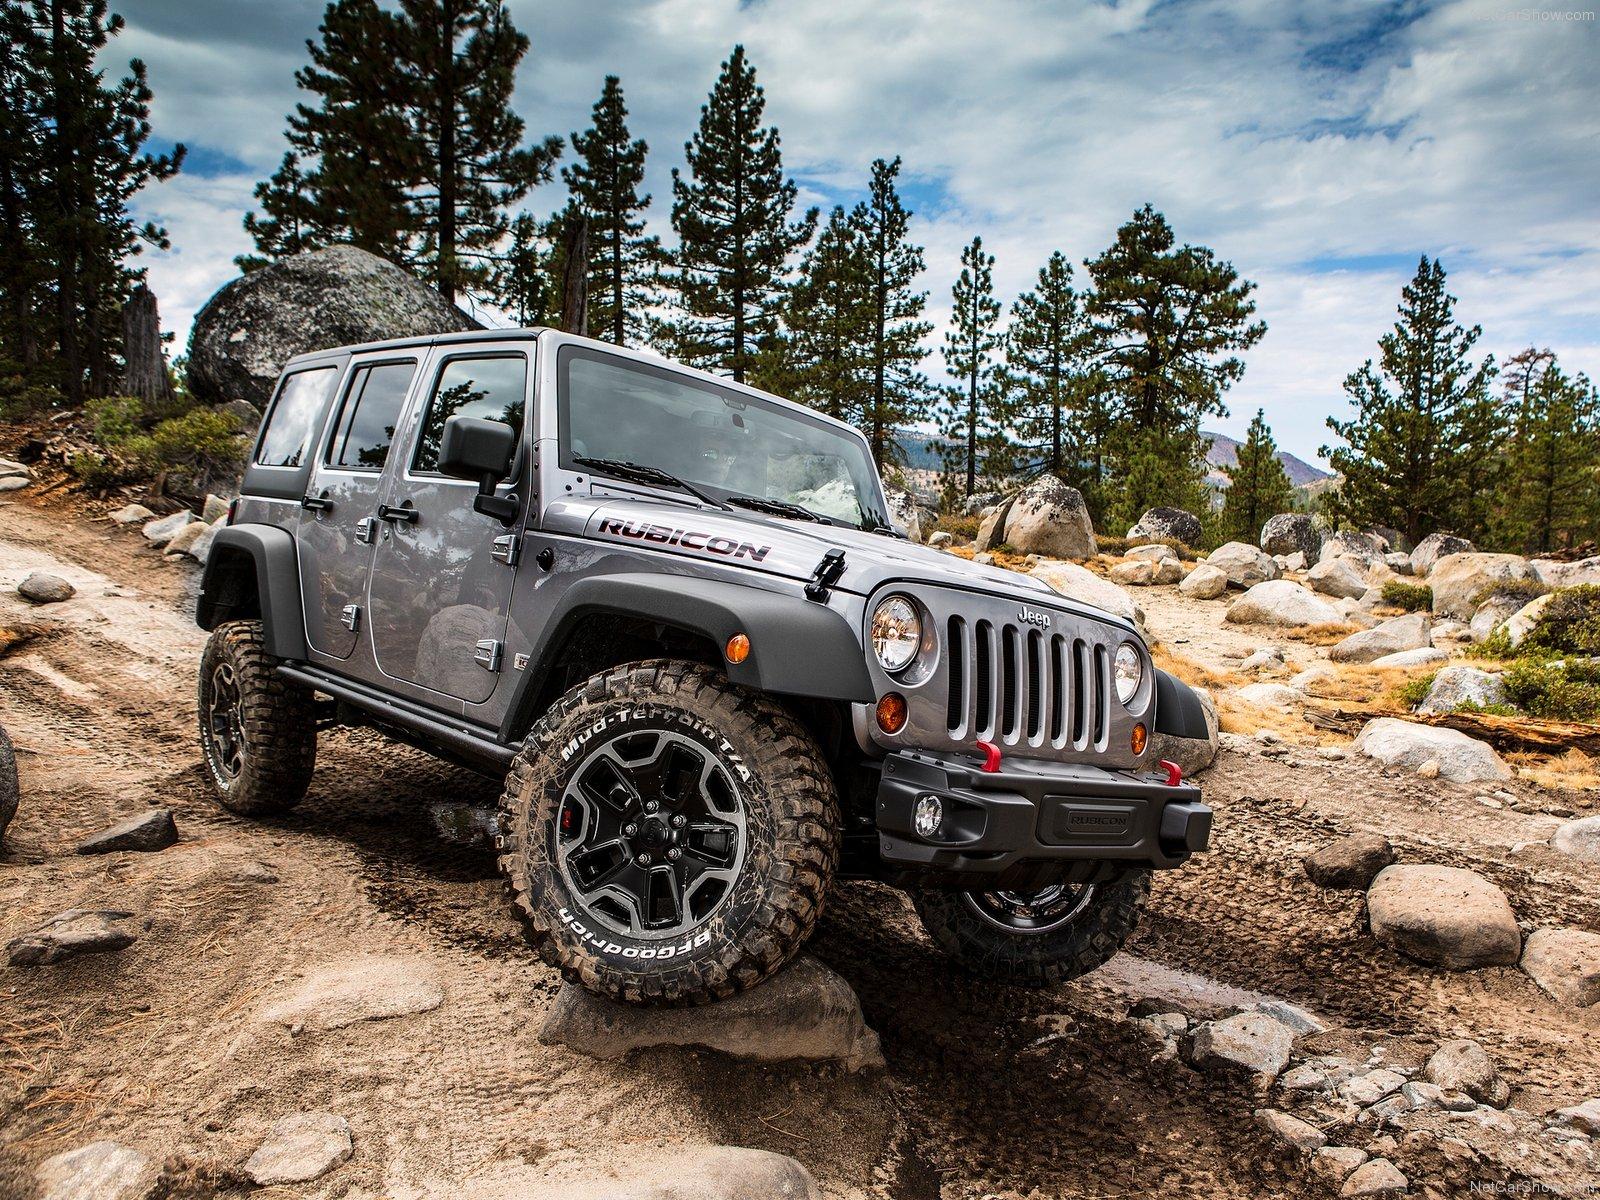 Jeep Wrangler Rubicon 10th Anniversary